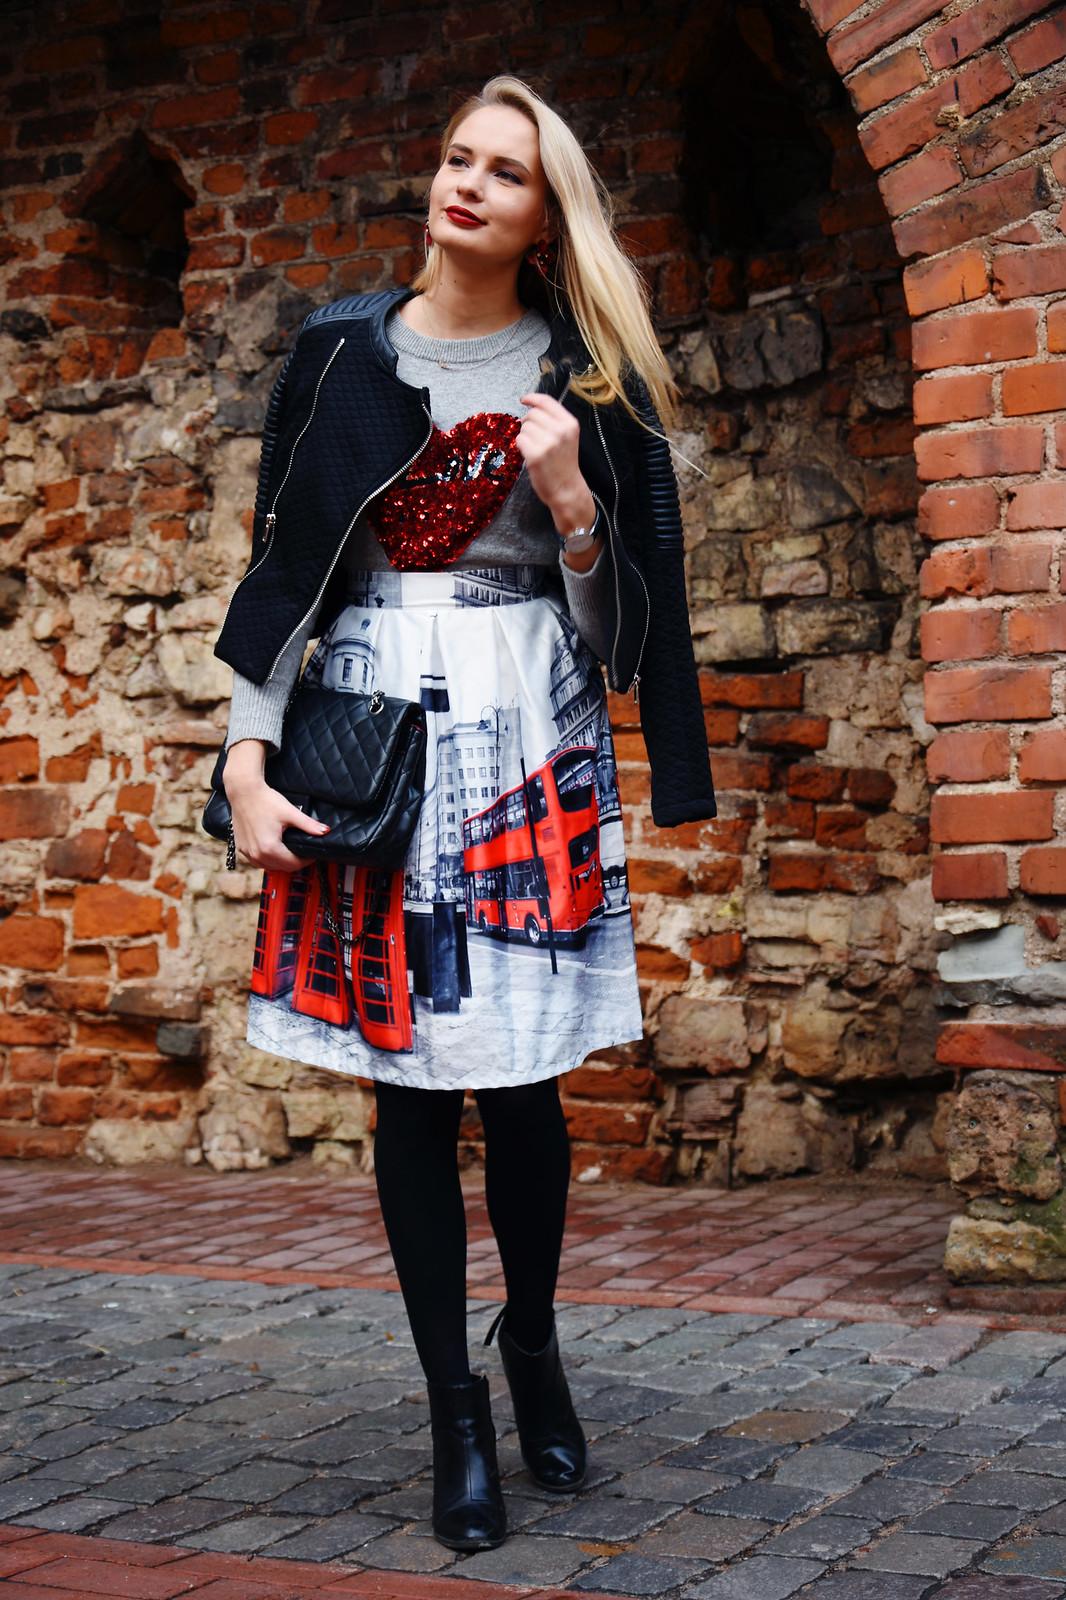 Festive season outfit idea